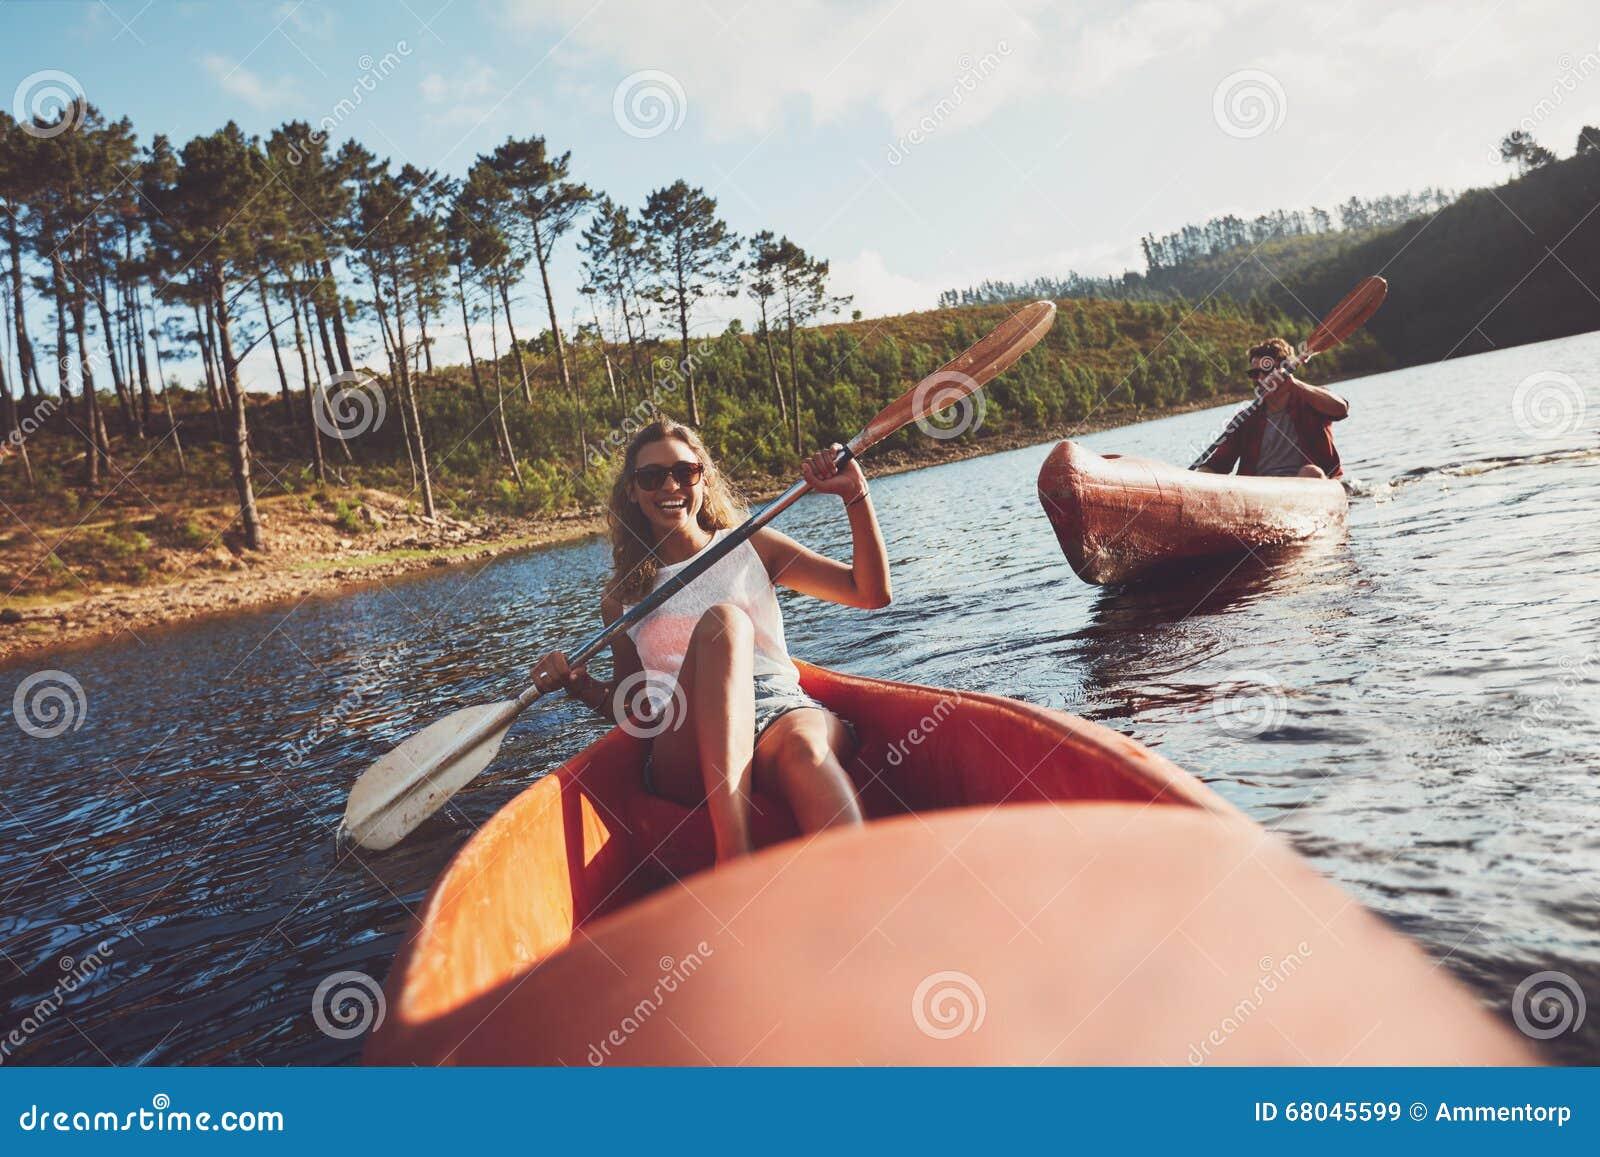 阴荡少妇网_划皮船在湖的青年人 有人的微笑的少妇的皮艇在背景中的用浆划皮船.